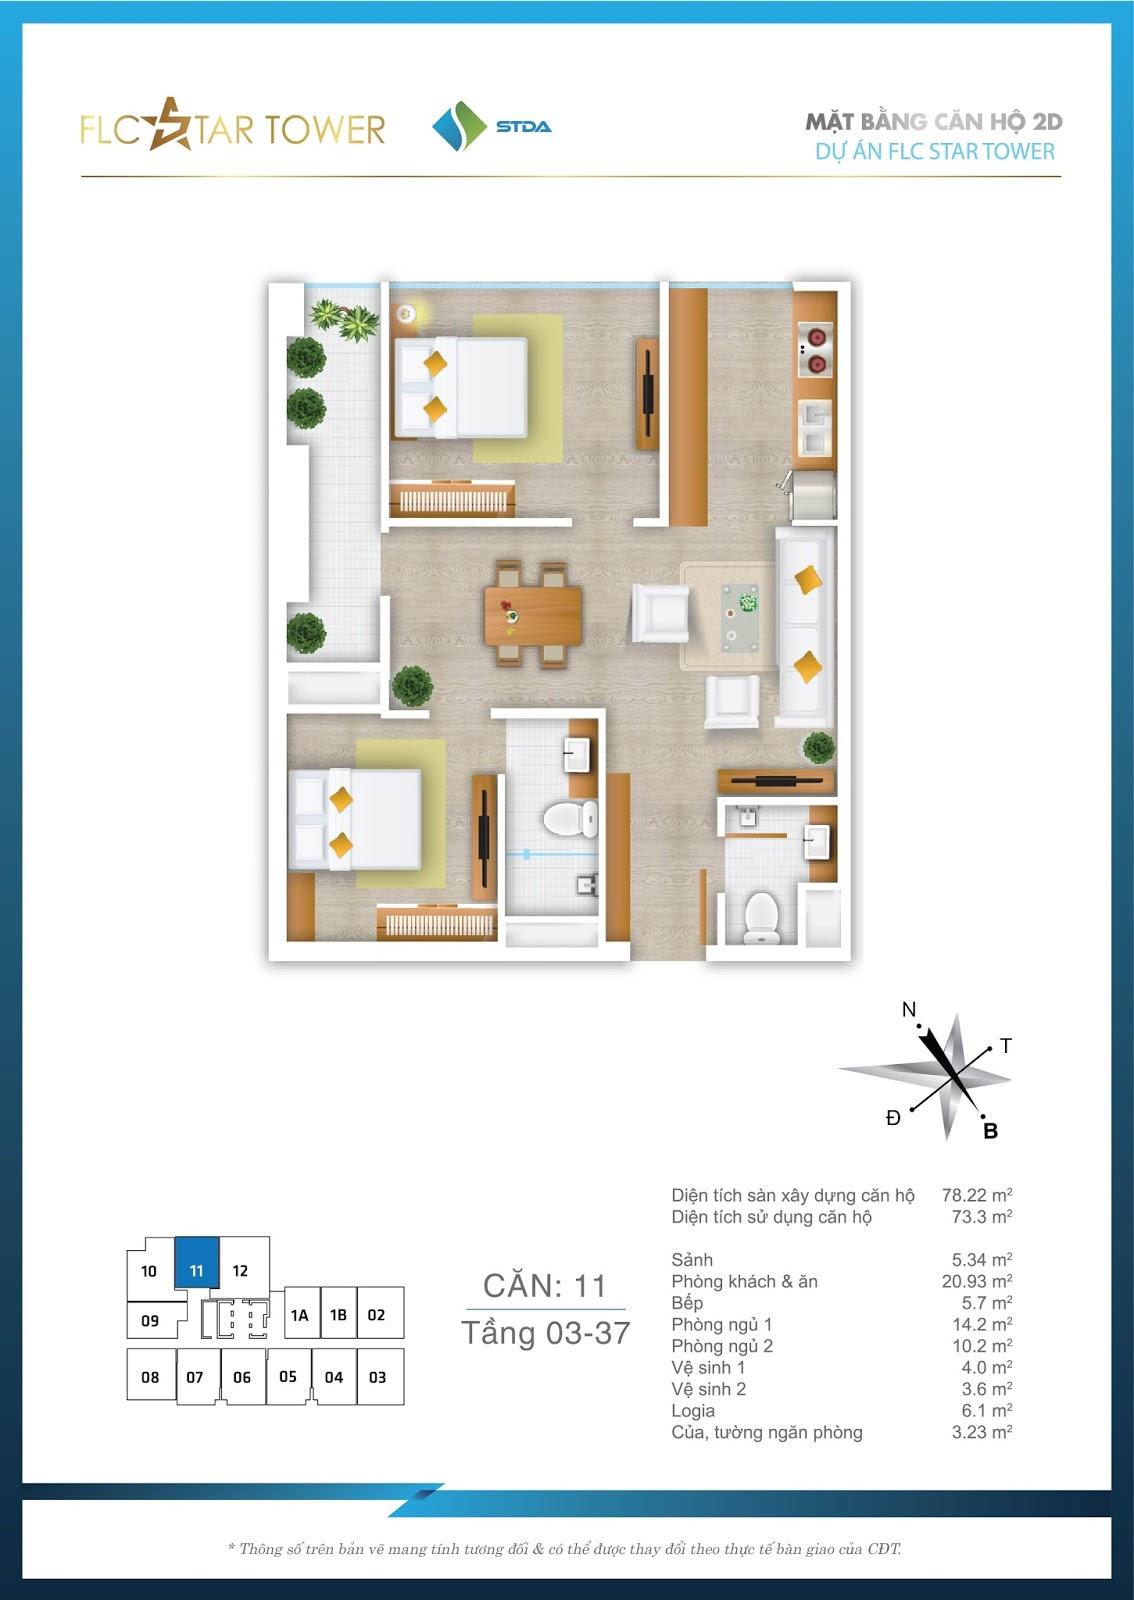 Thiết kế căn hộ 11 - Chung cư FLC Star Tower Hà Đông